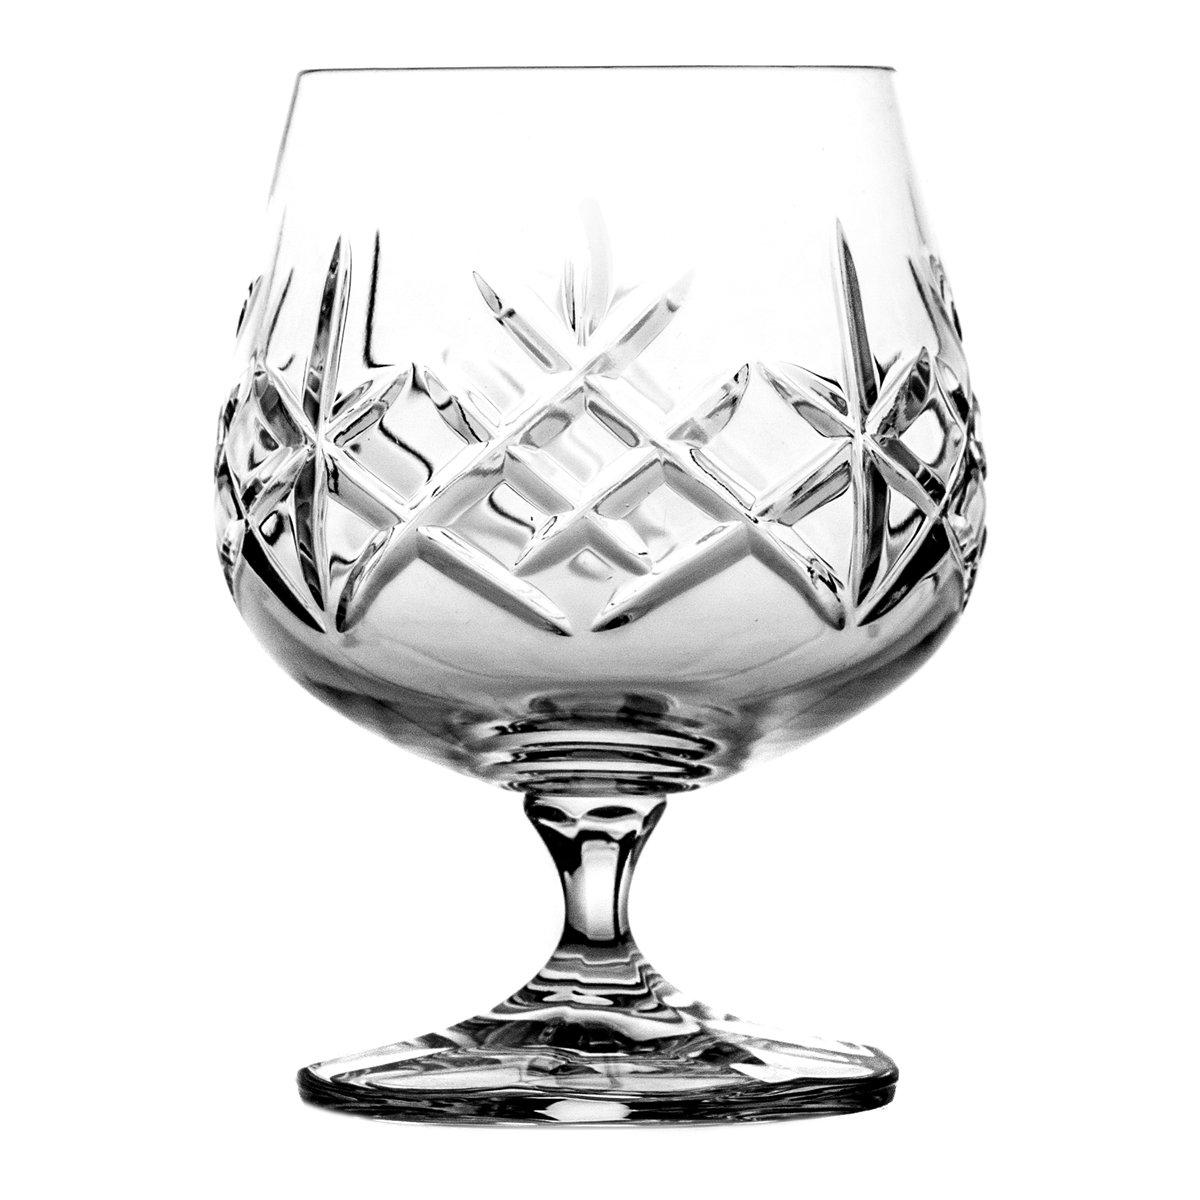 Verre /à cognac pour whisky Rhum Armagnac probier Verre Verrerie de la marne